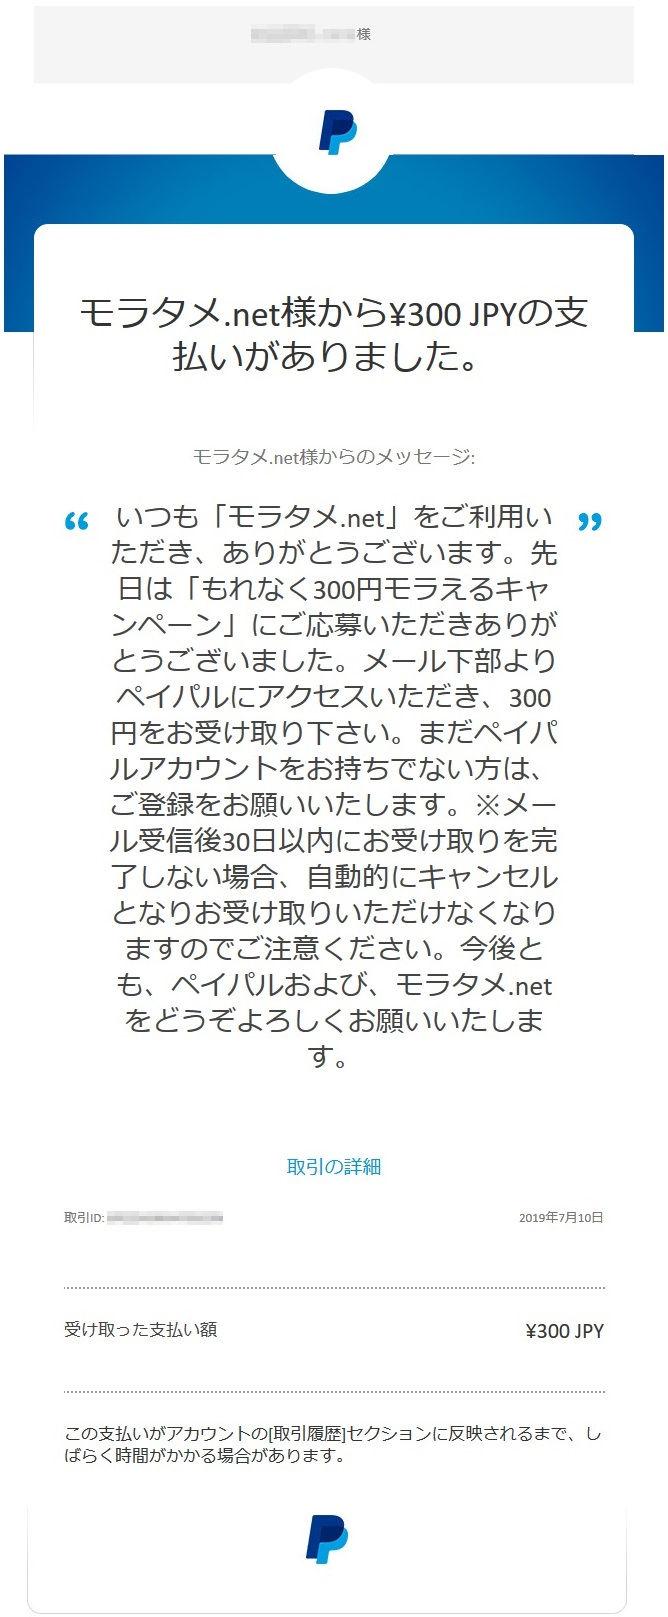 モラタメから300円の支払い連絡